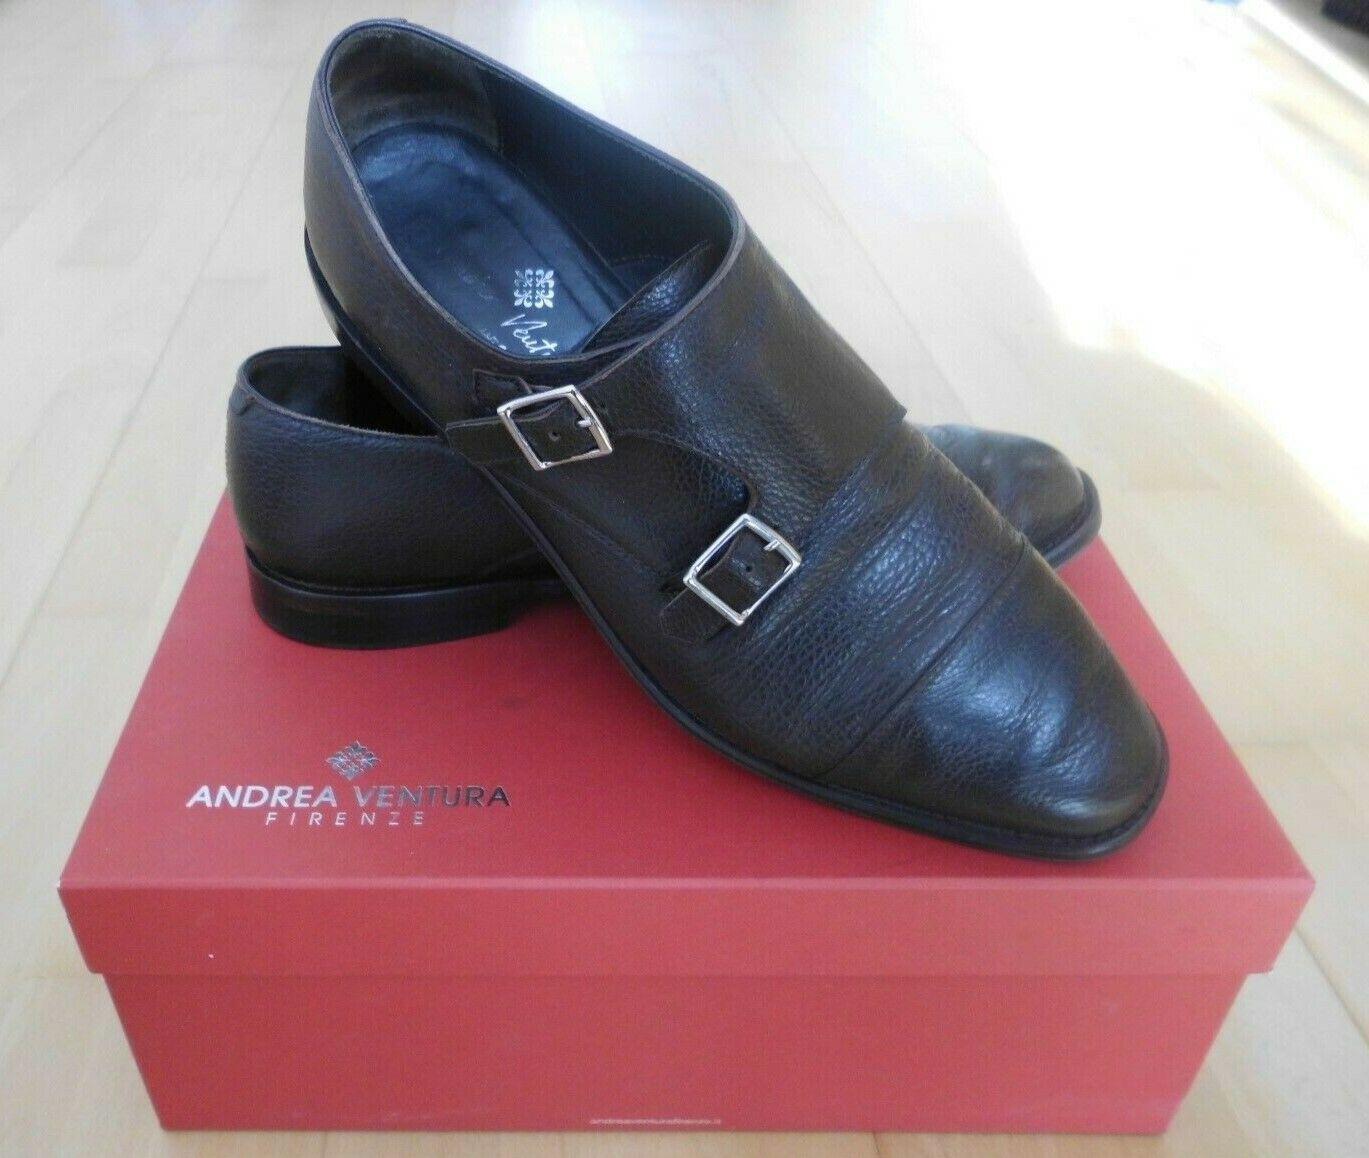 Andrea Ventura Firenze Herren Schnallen Schuhe Doppel Monk Leder Leder Leder Braun Gr 43 9 65e